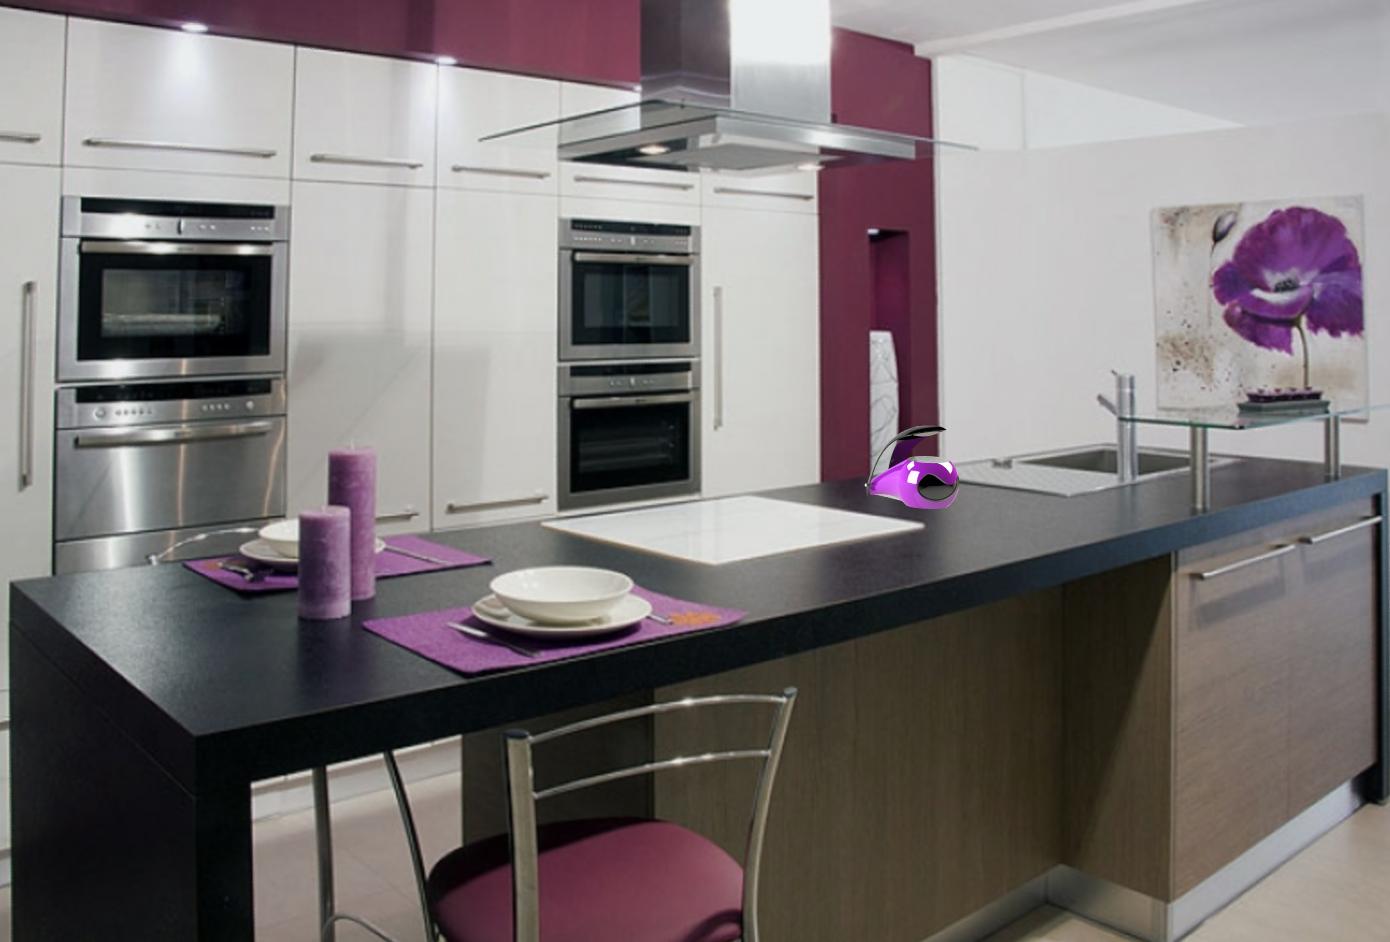 Cuisine Violette Sjour Cuisine Dcoration Violet Blanc Gris With Cuisine Violette Top Cuisine